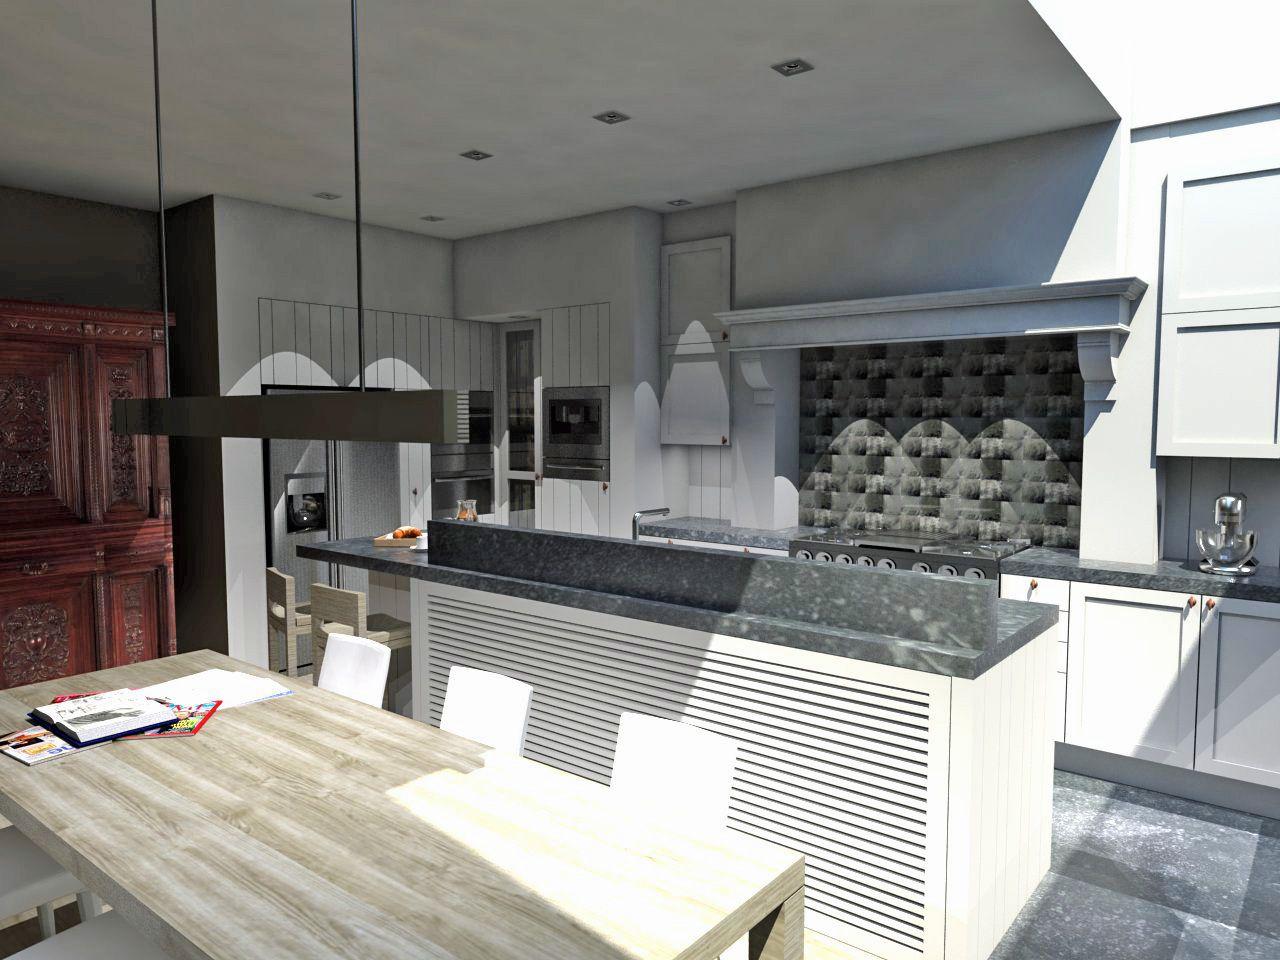 Ideas de #Contract de #Comedor, #Cocina, estilo #Rustico diseñado ...